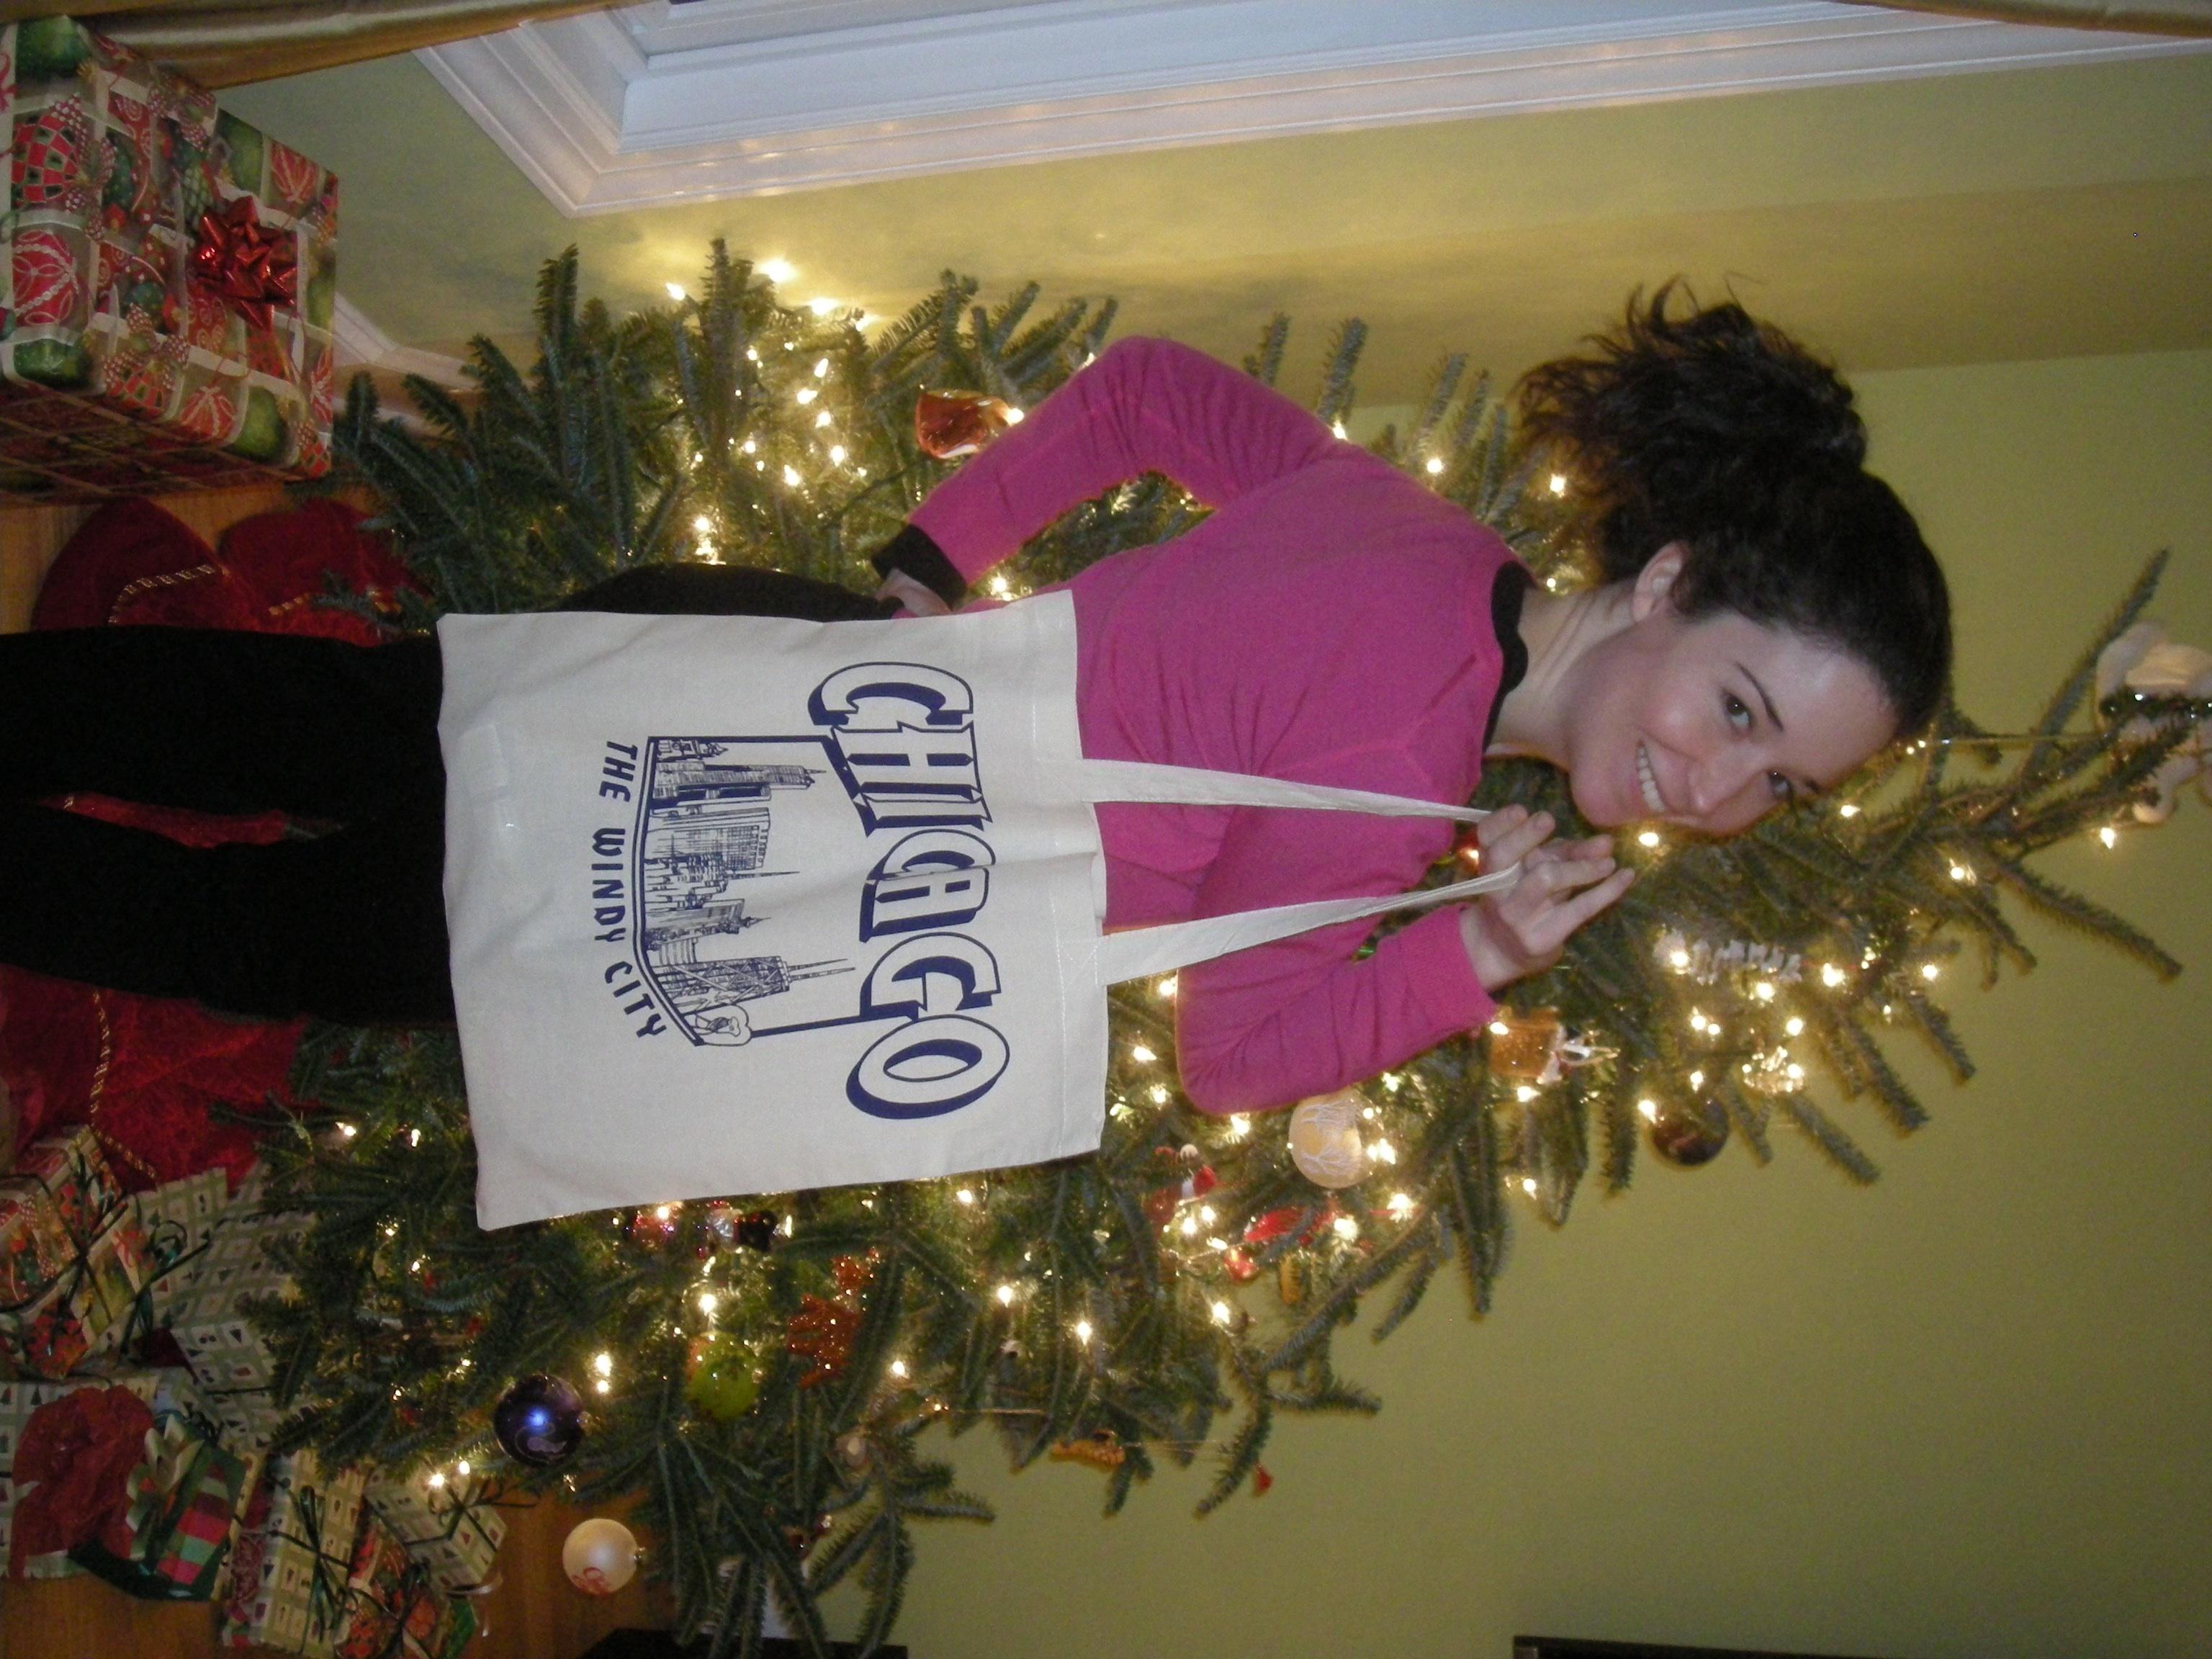 me-with-bag